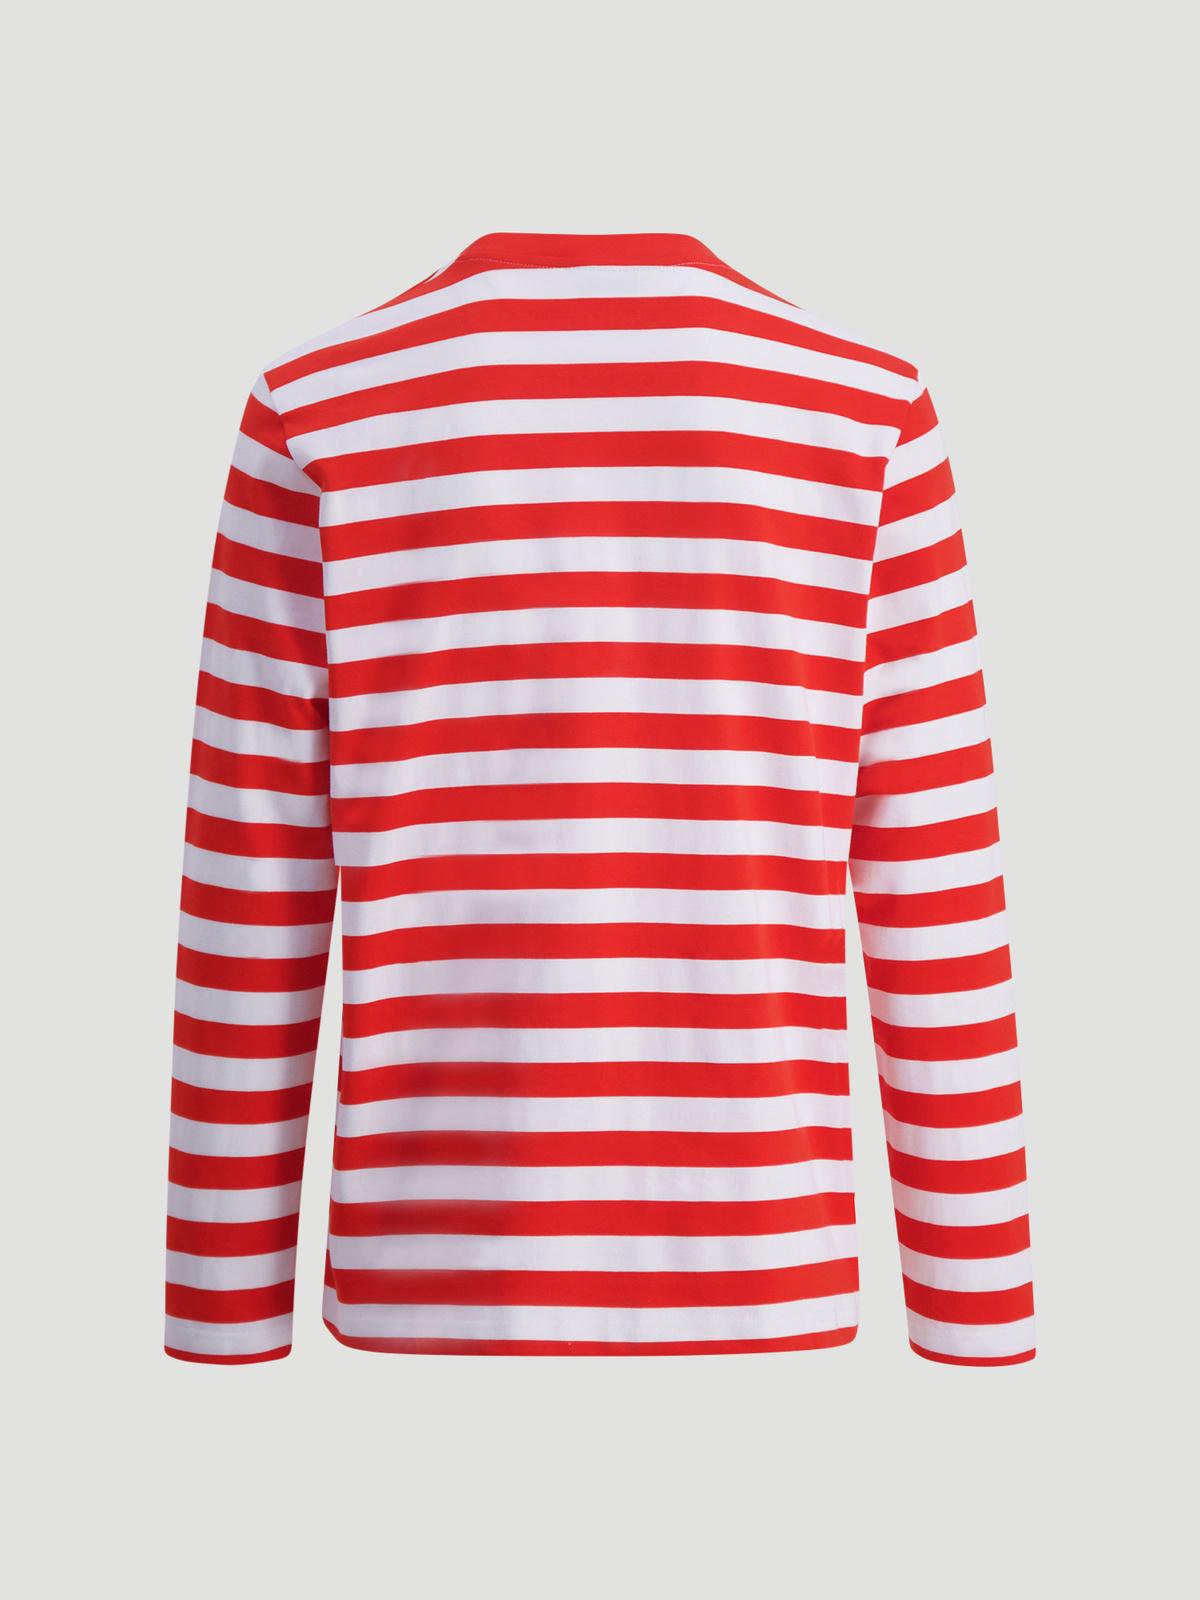 Hanger Striped Longsleeve Red White 2